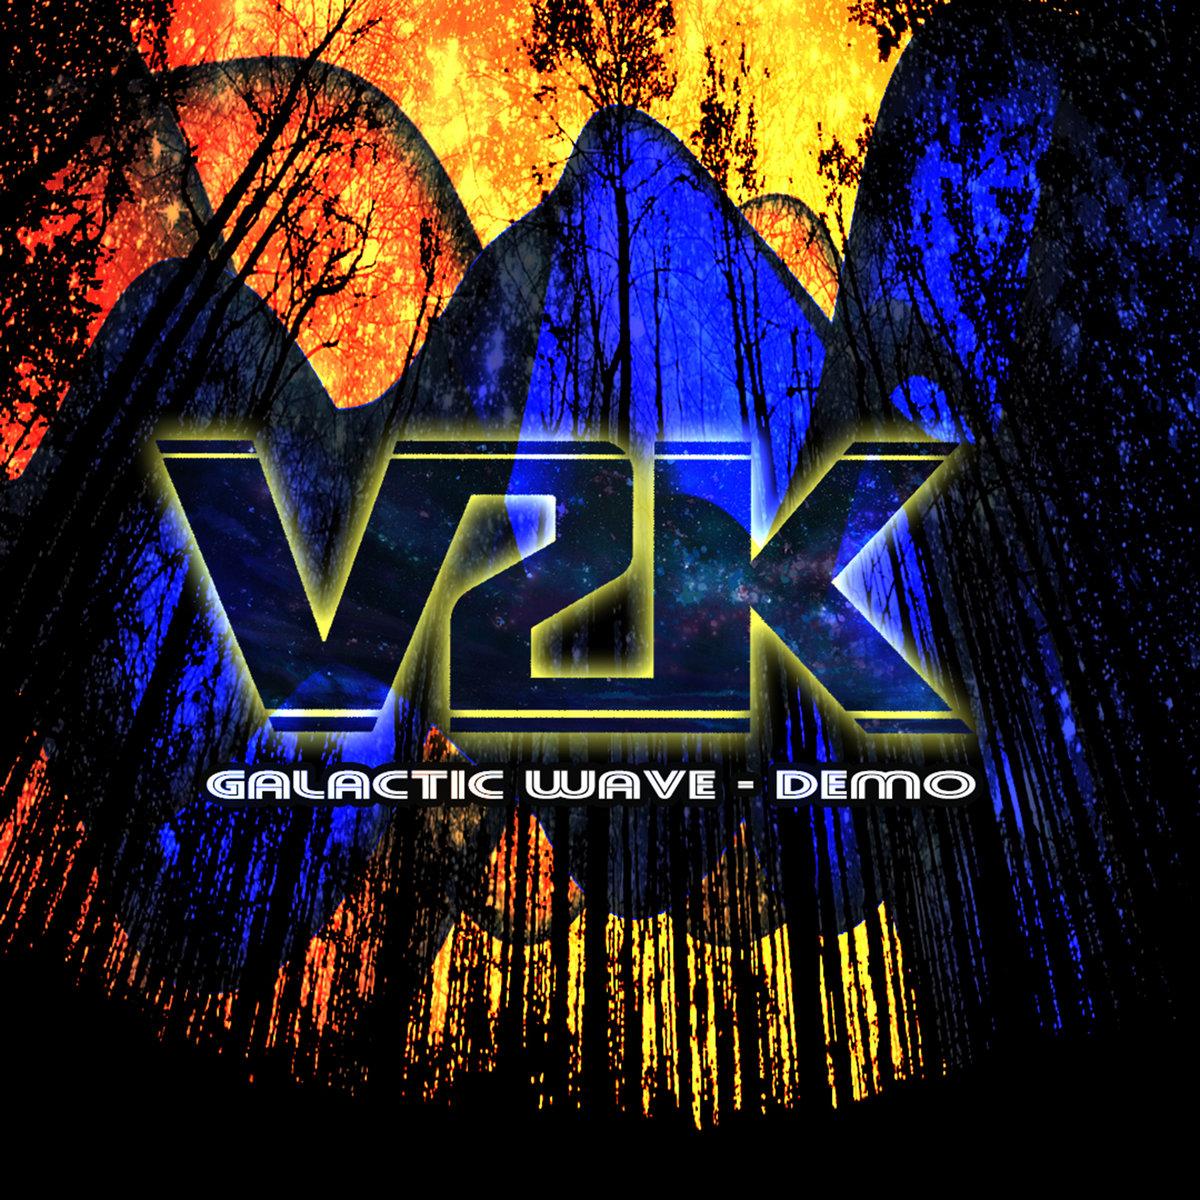 Galactic Wave - Demo | V2K